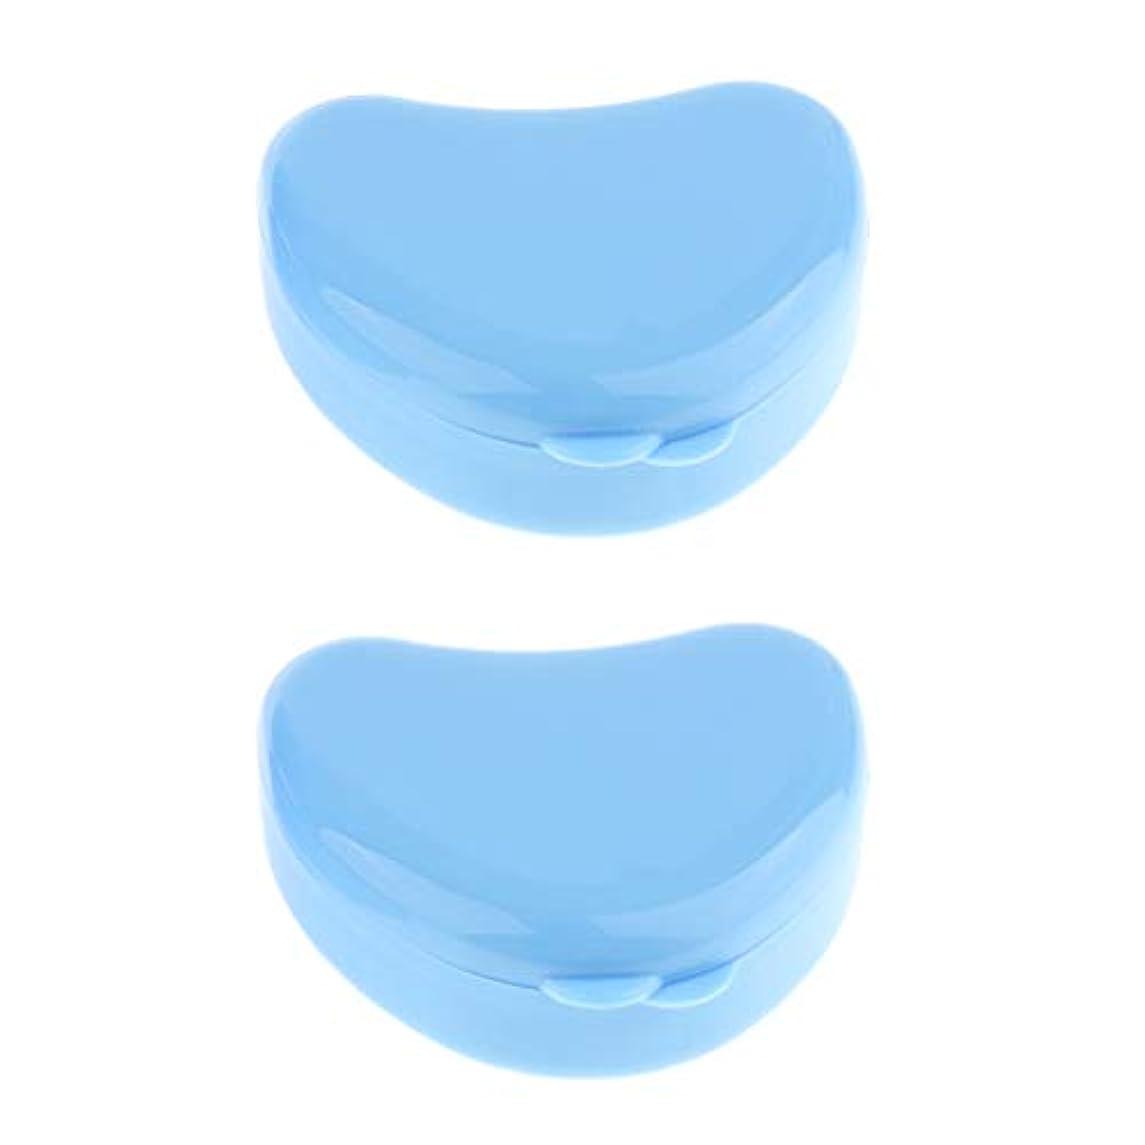 子犬優越百P Prettyia 全3色 義歯ケース 口ガードケース 義歯ボックス ハート型 清潔 衛生 携帯便利 - 青